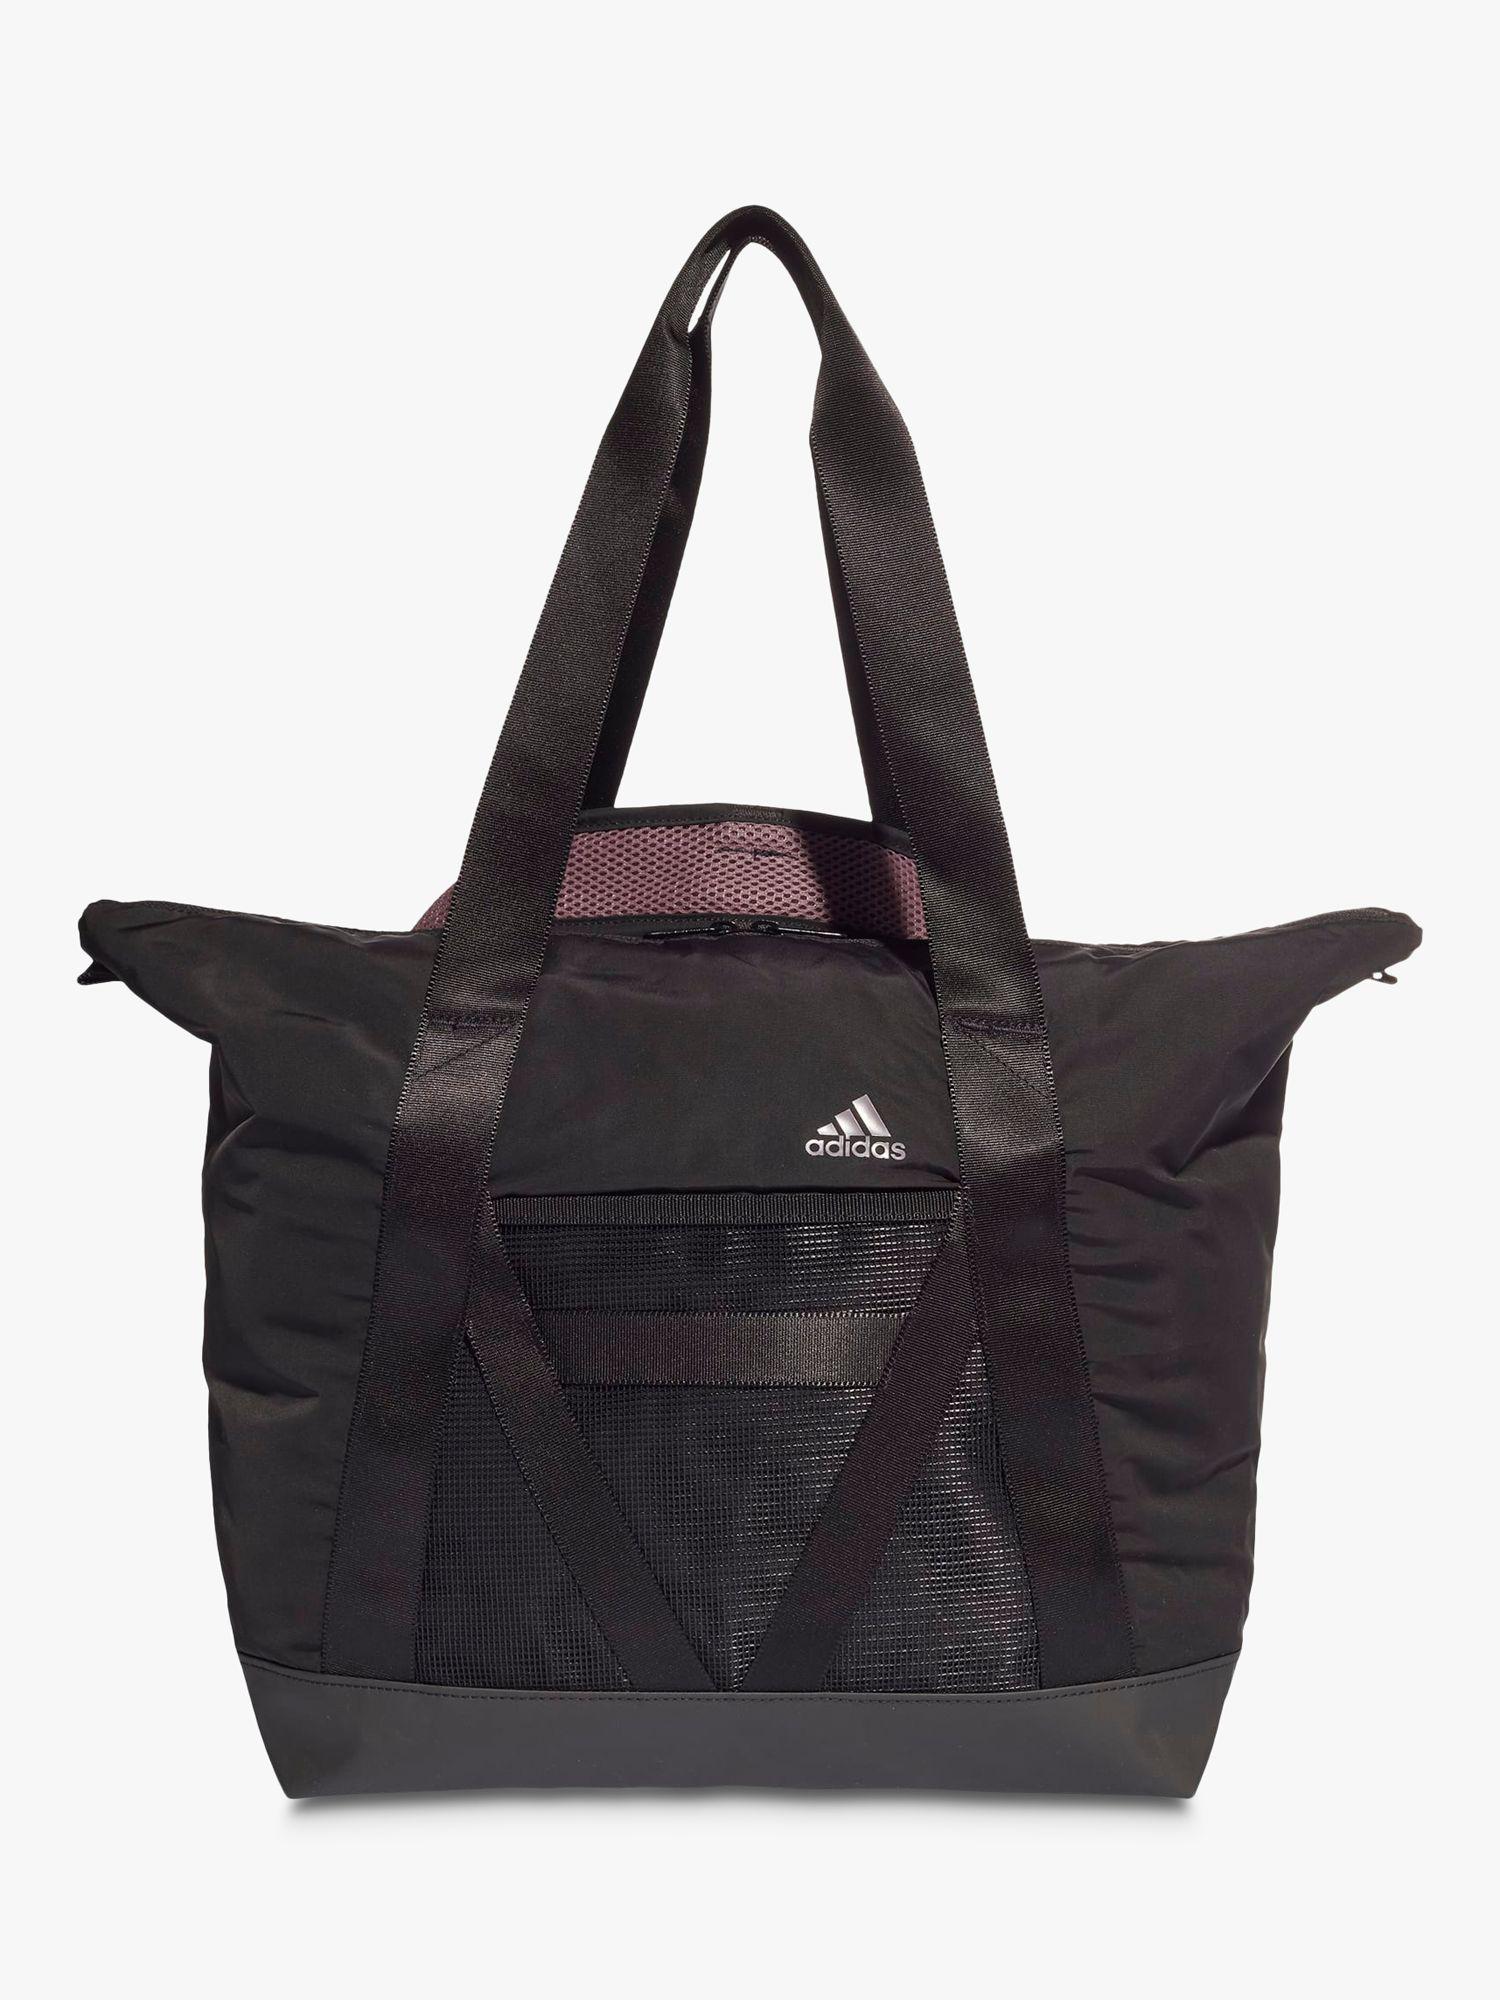 Adidas adidas ID Tote Bag, Black